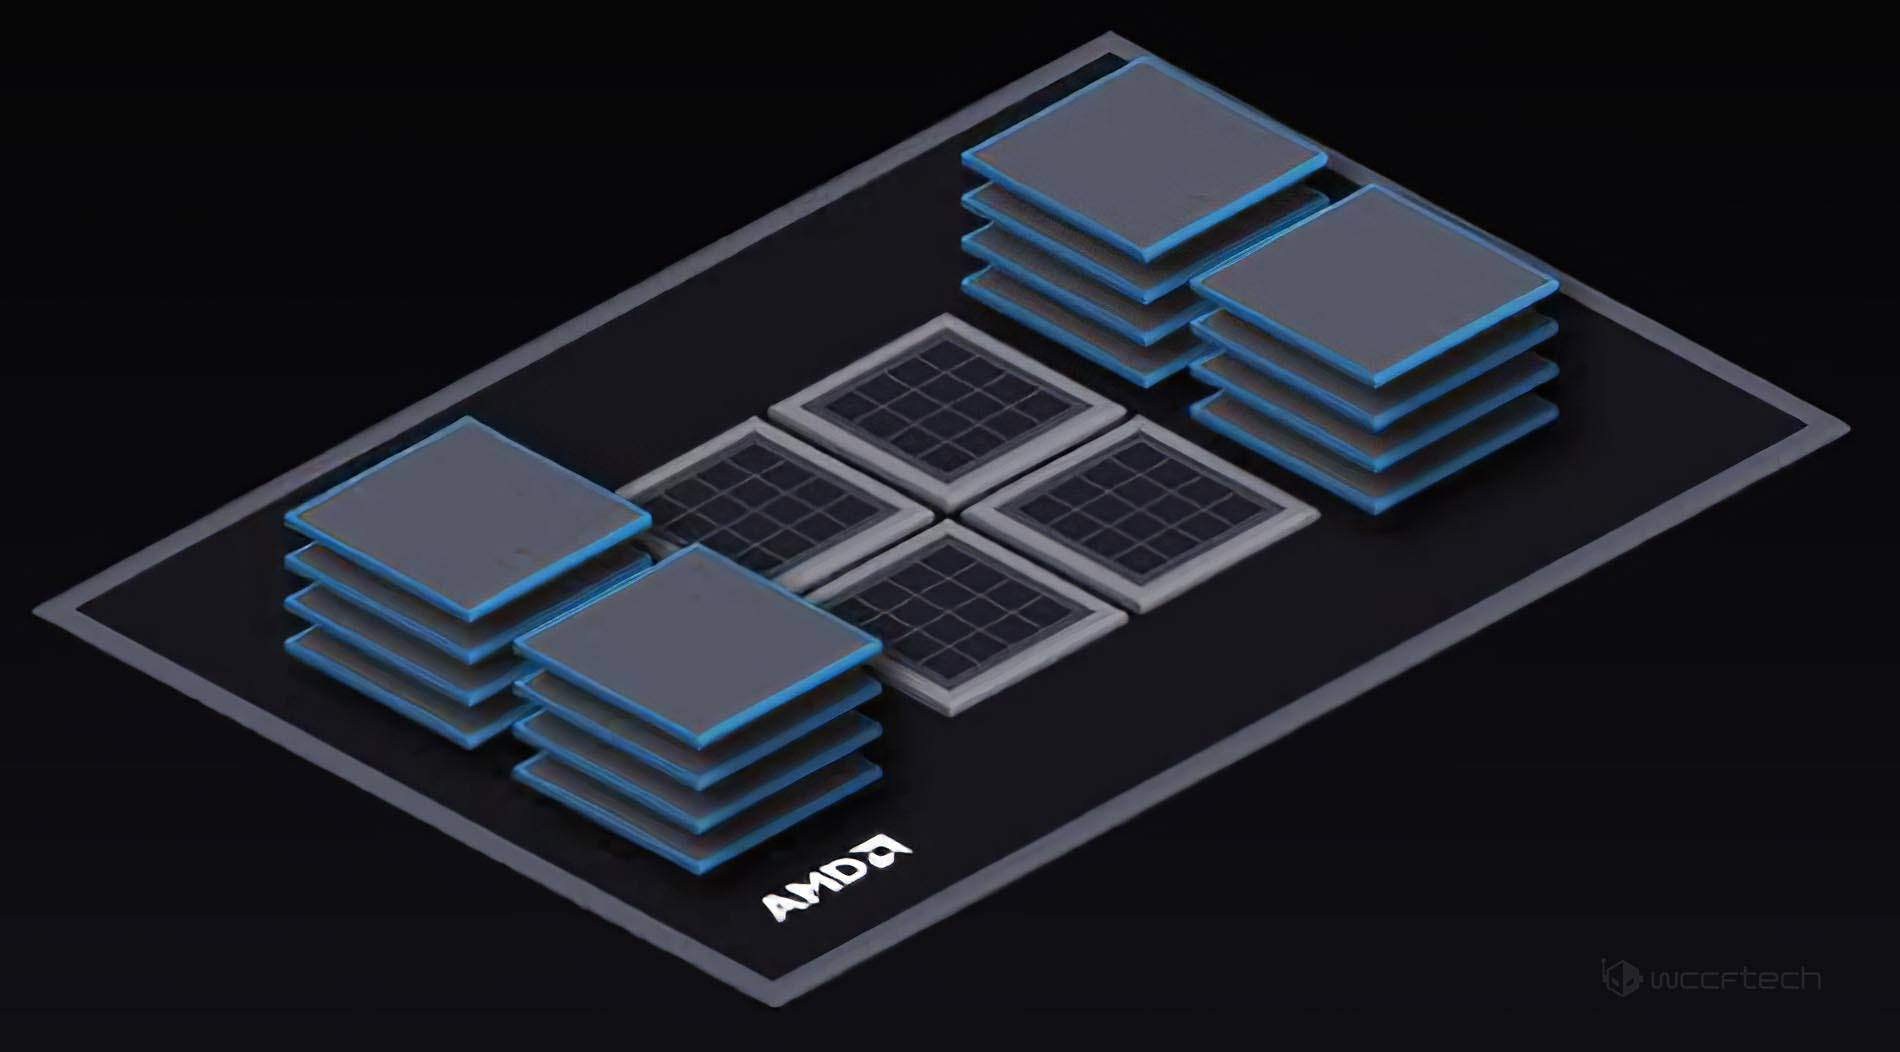 AMD travaille toujours sur son processeur hétérogène exascale